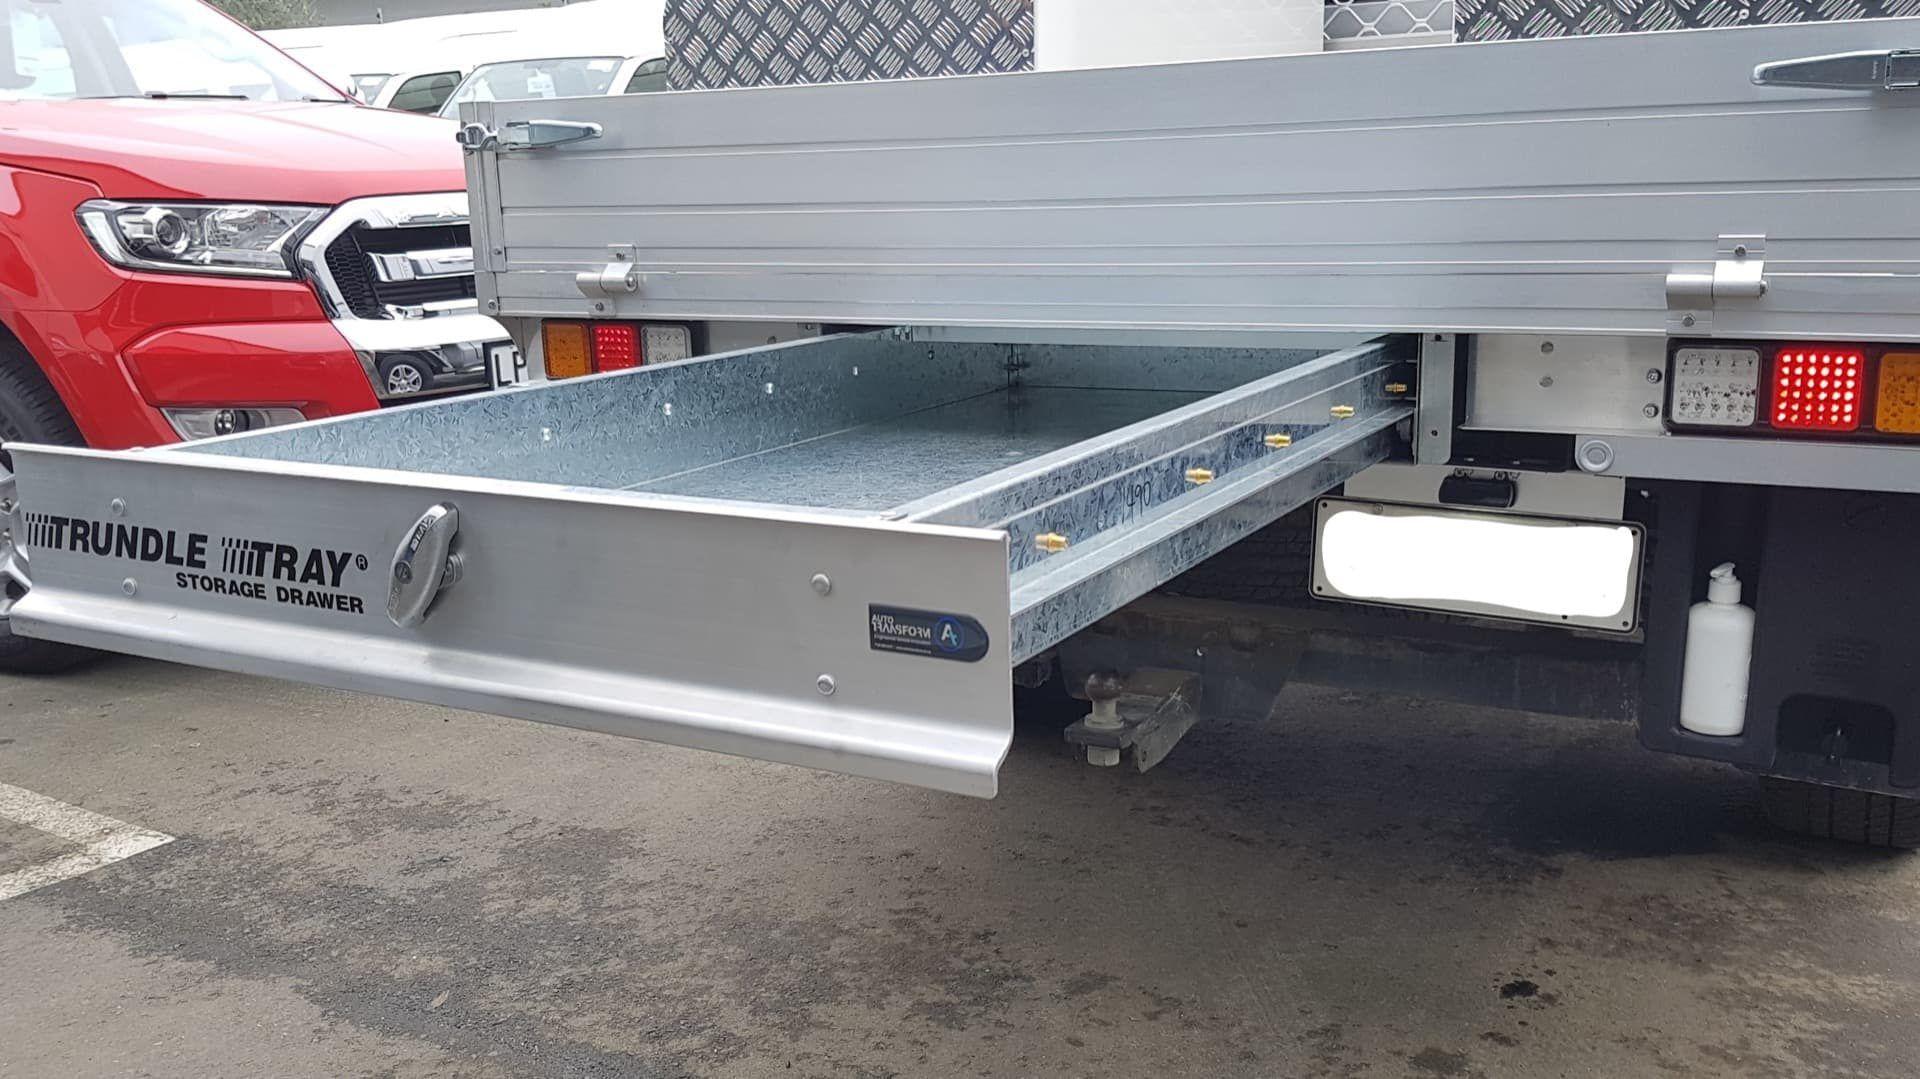 Underfloor aluminium drawer for ute